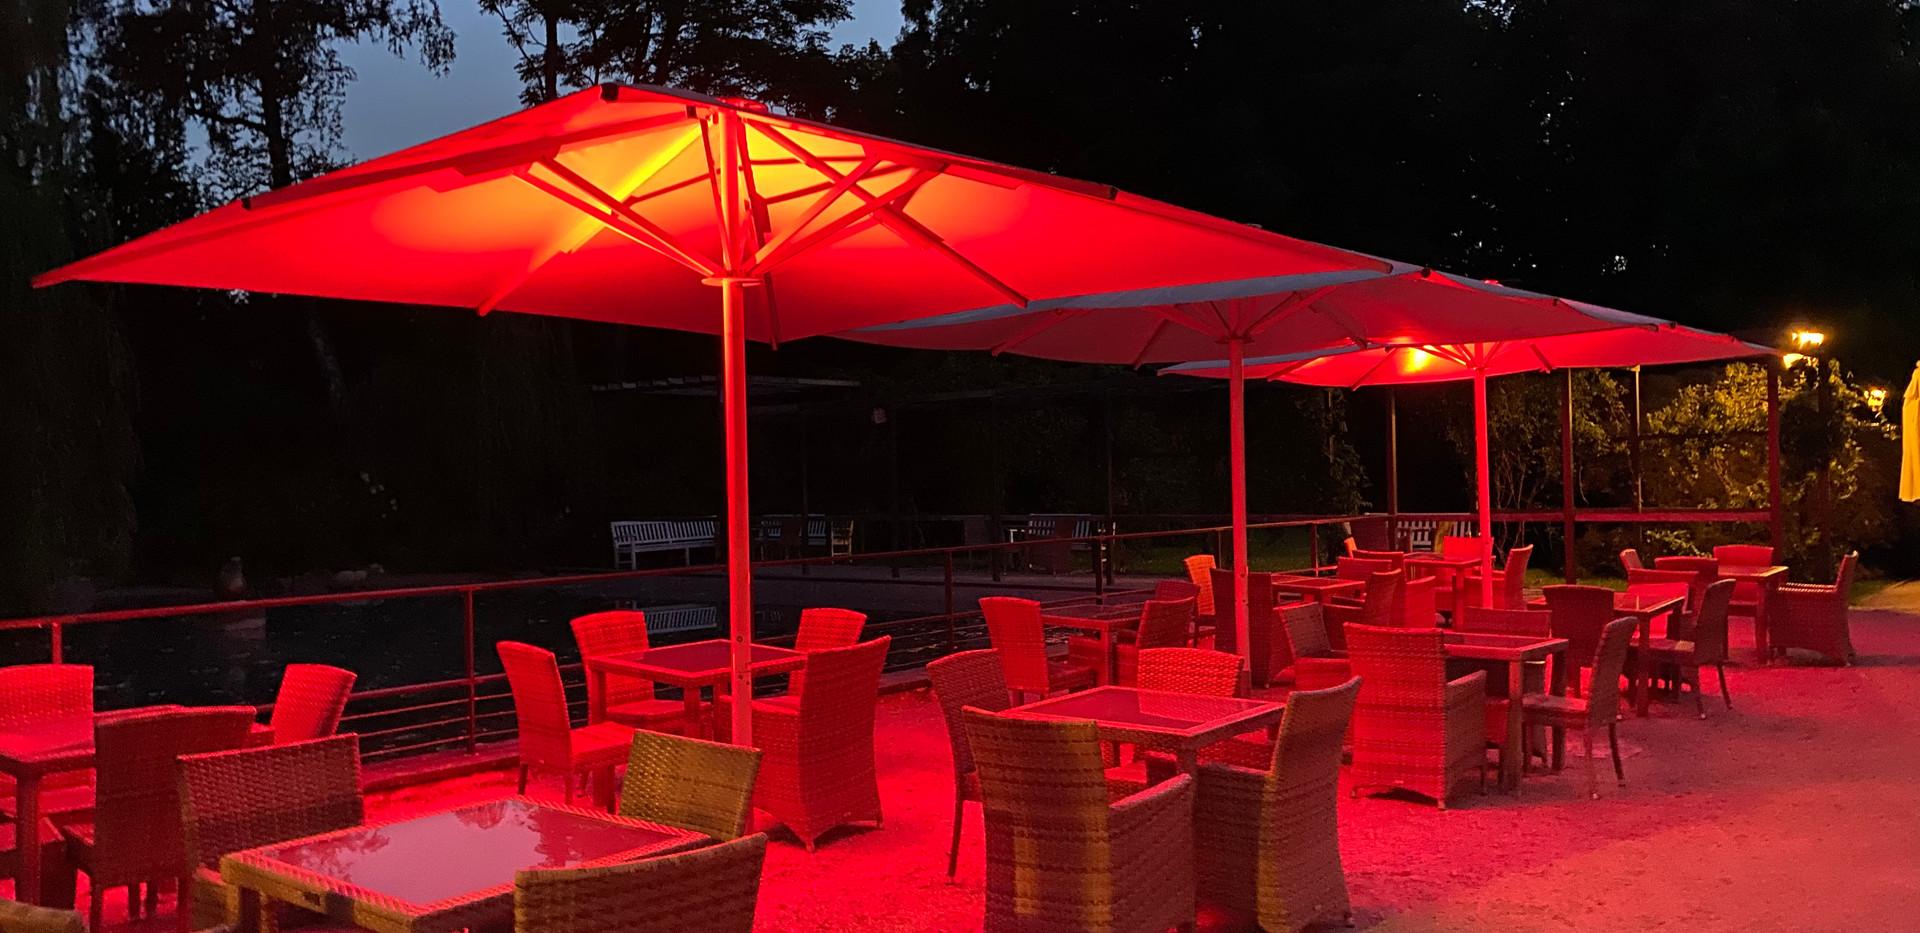 Orangerie Kurpark Bad Homburg Draußen Beleuchtung